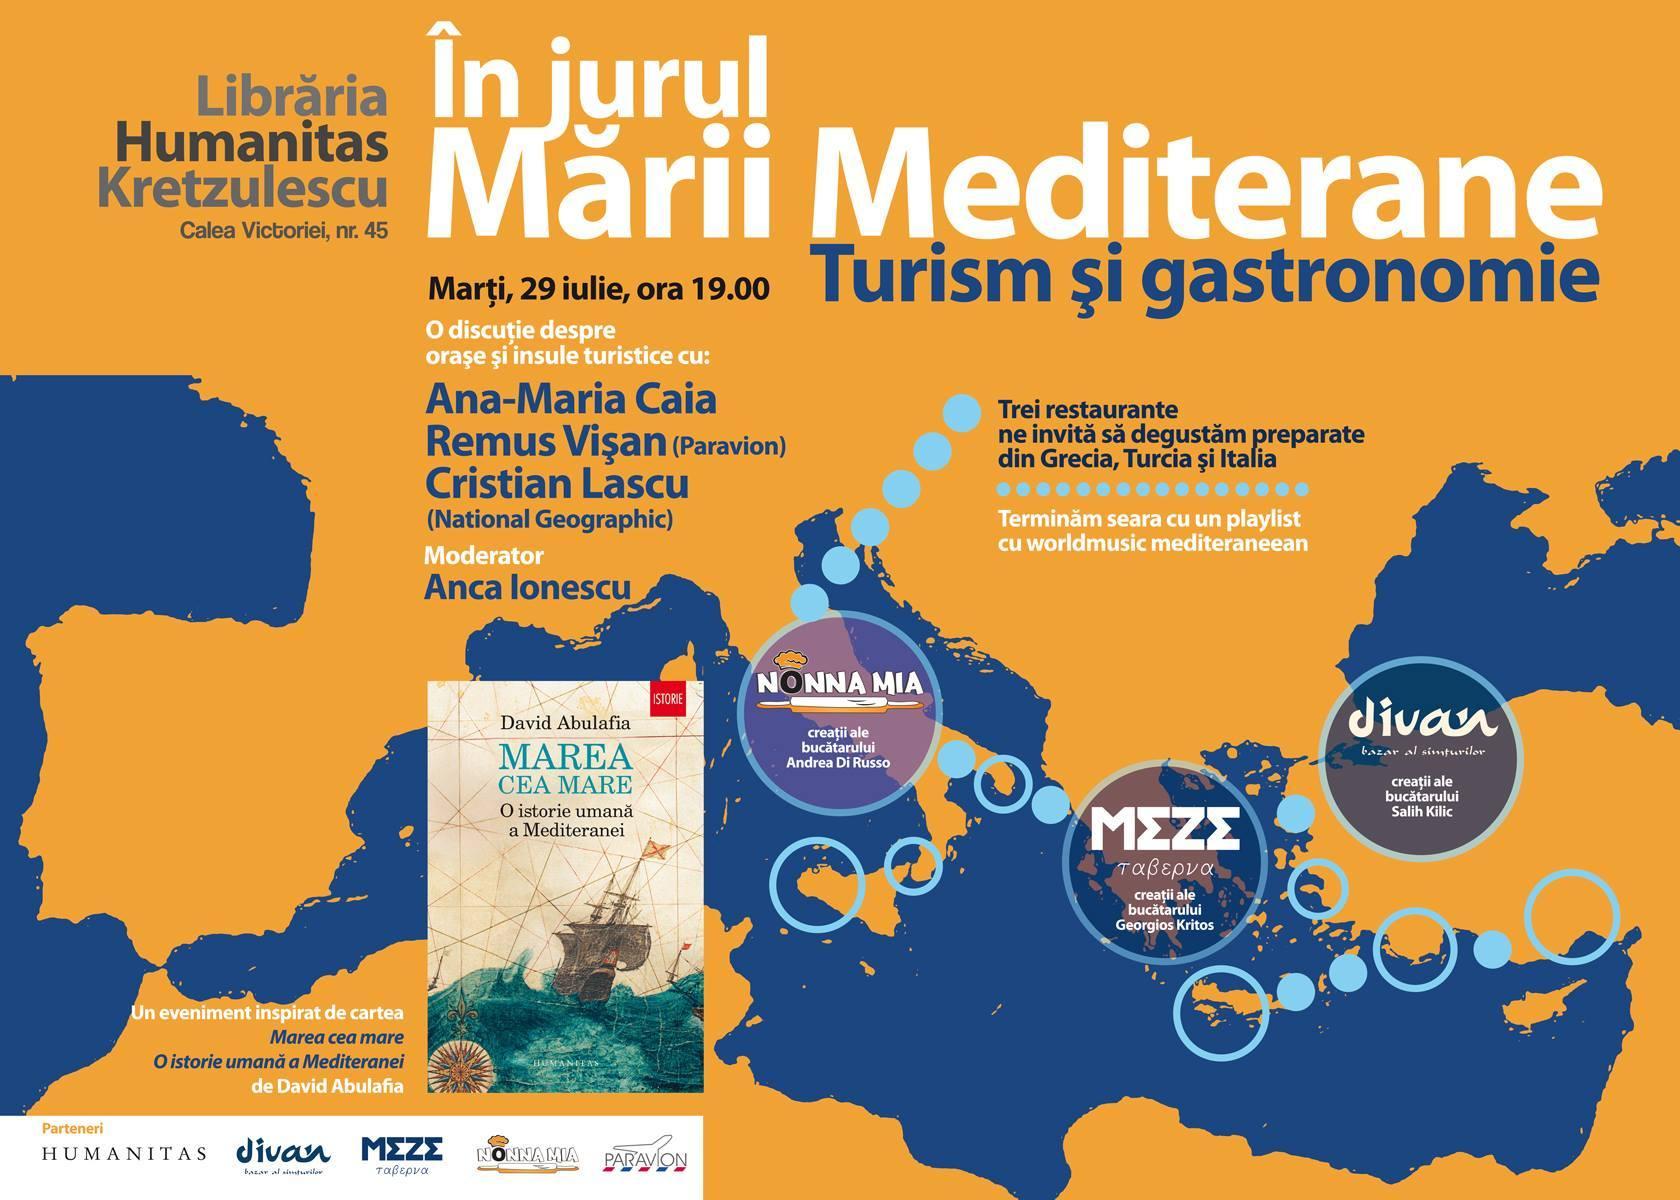 În jurul Mării Mediterane, turism şi gastronomie